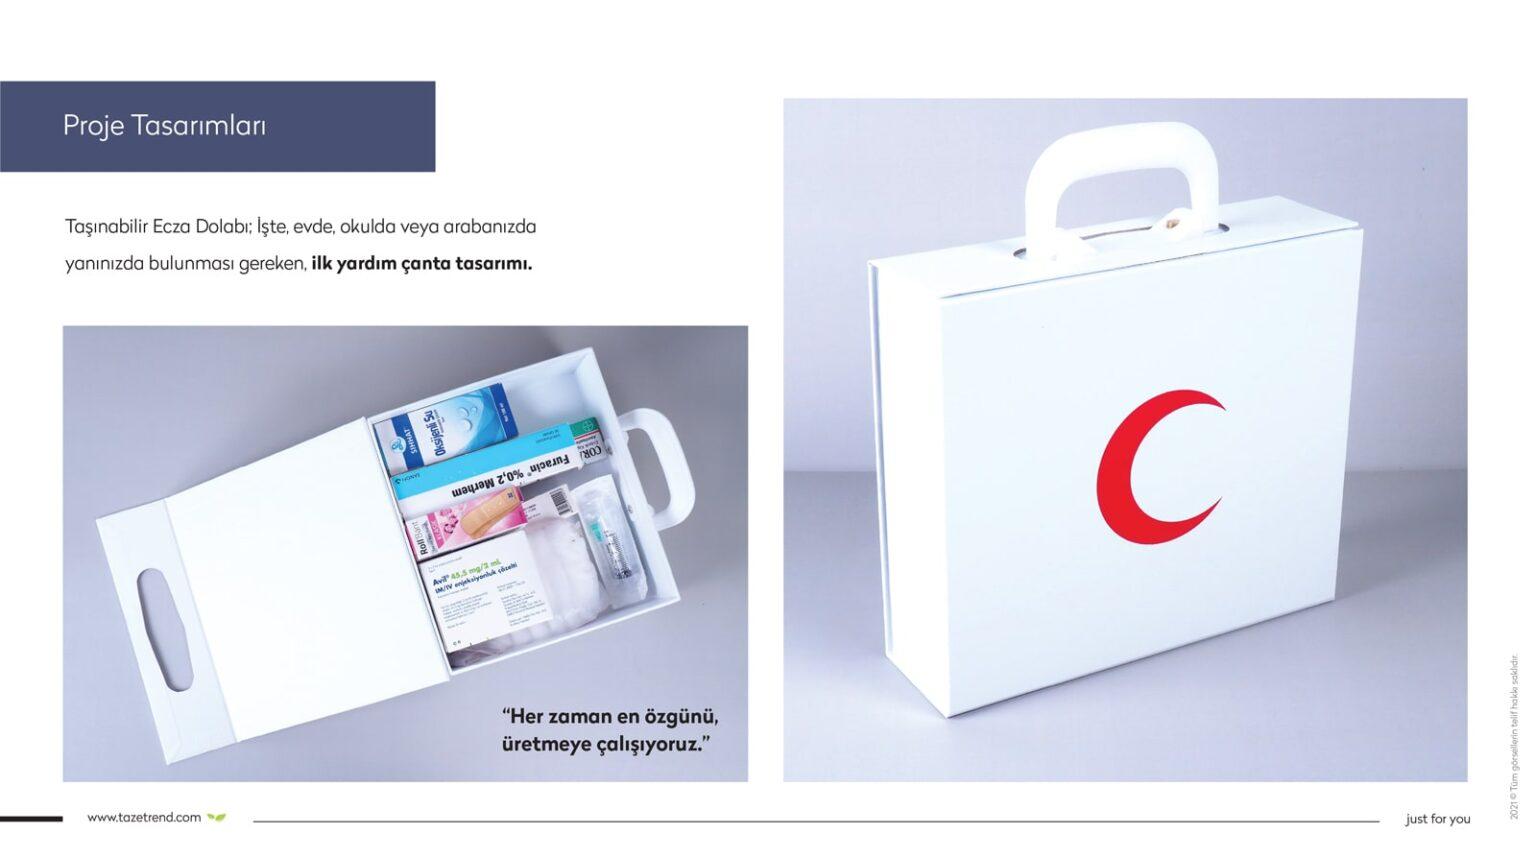 tazetrend e-katalog tasarım32